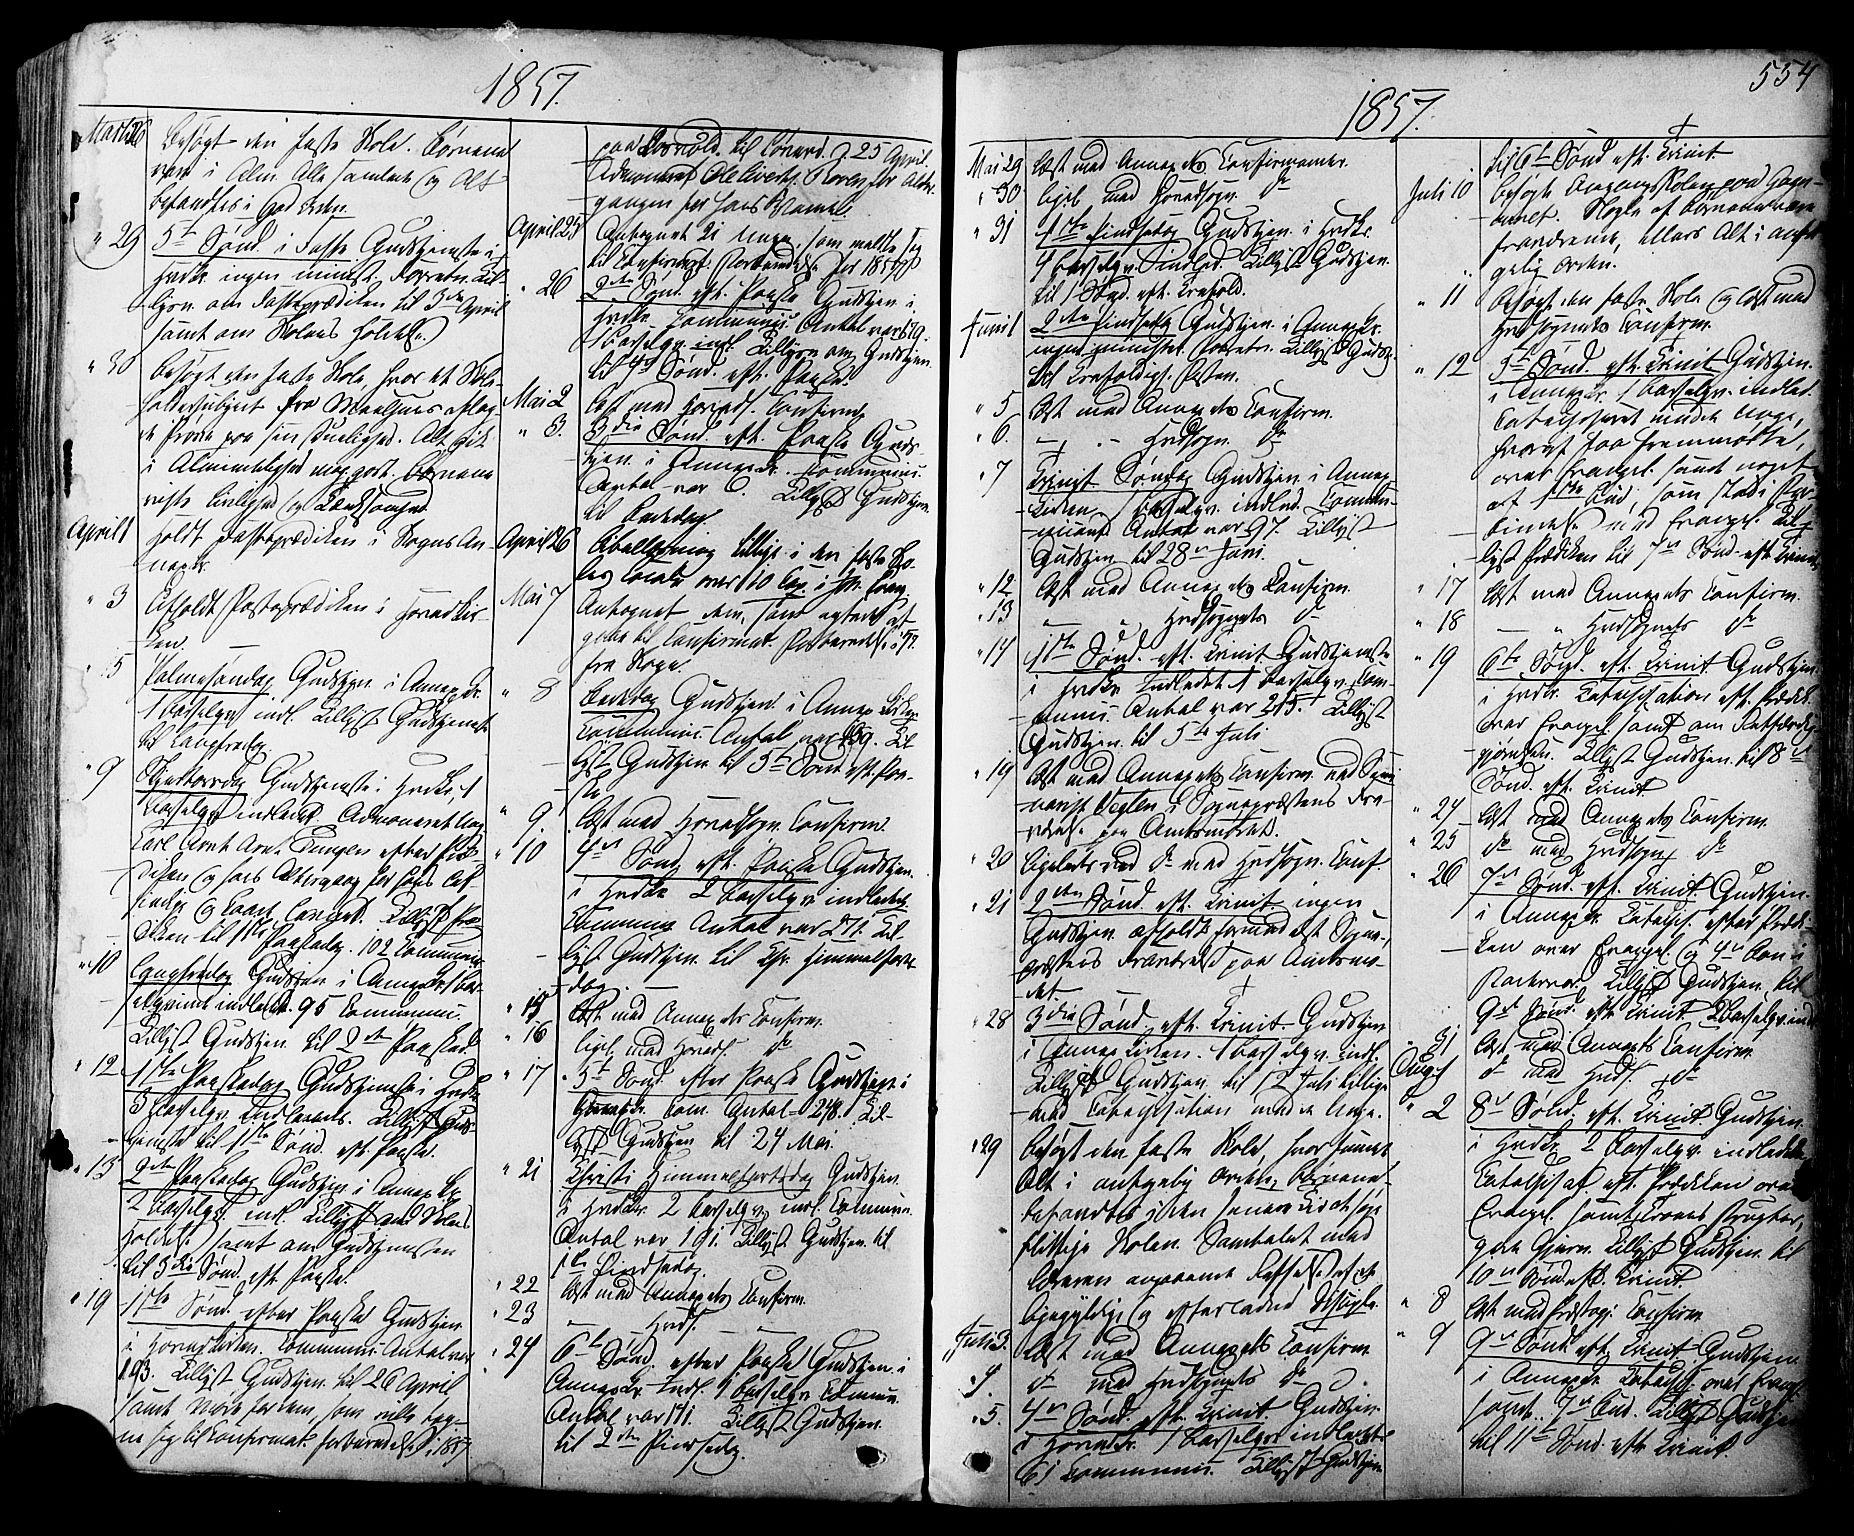 SAT, Ministerialprotokoller, klokkerbøker og fødselsregistre - Sør-Trøndelag, 665/L0772: Ministerialbok nr. 665A07, 1856-1878, s. 554